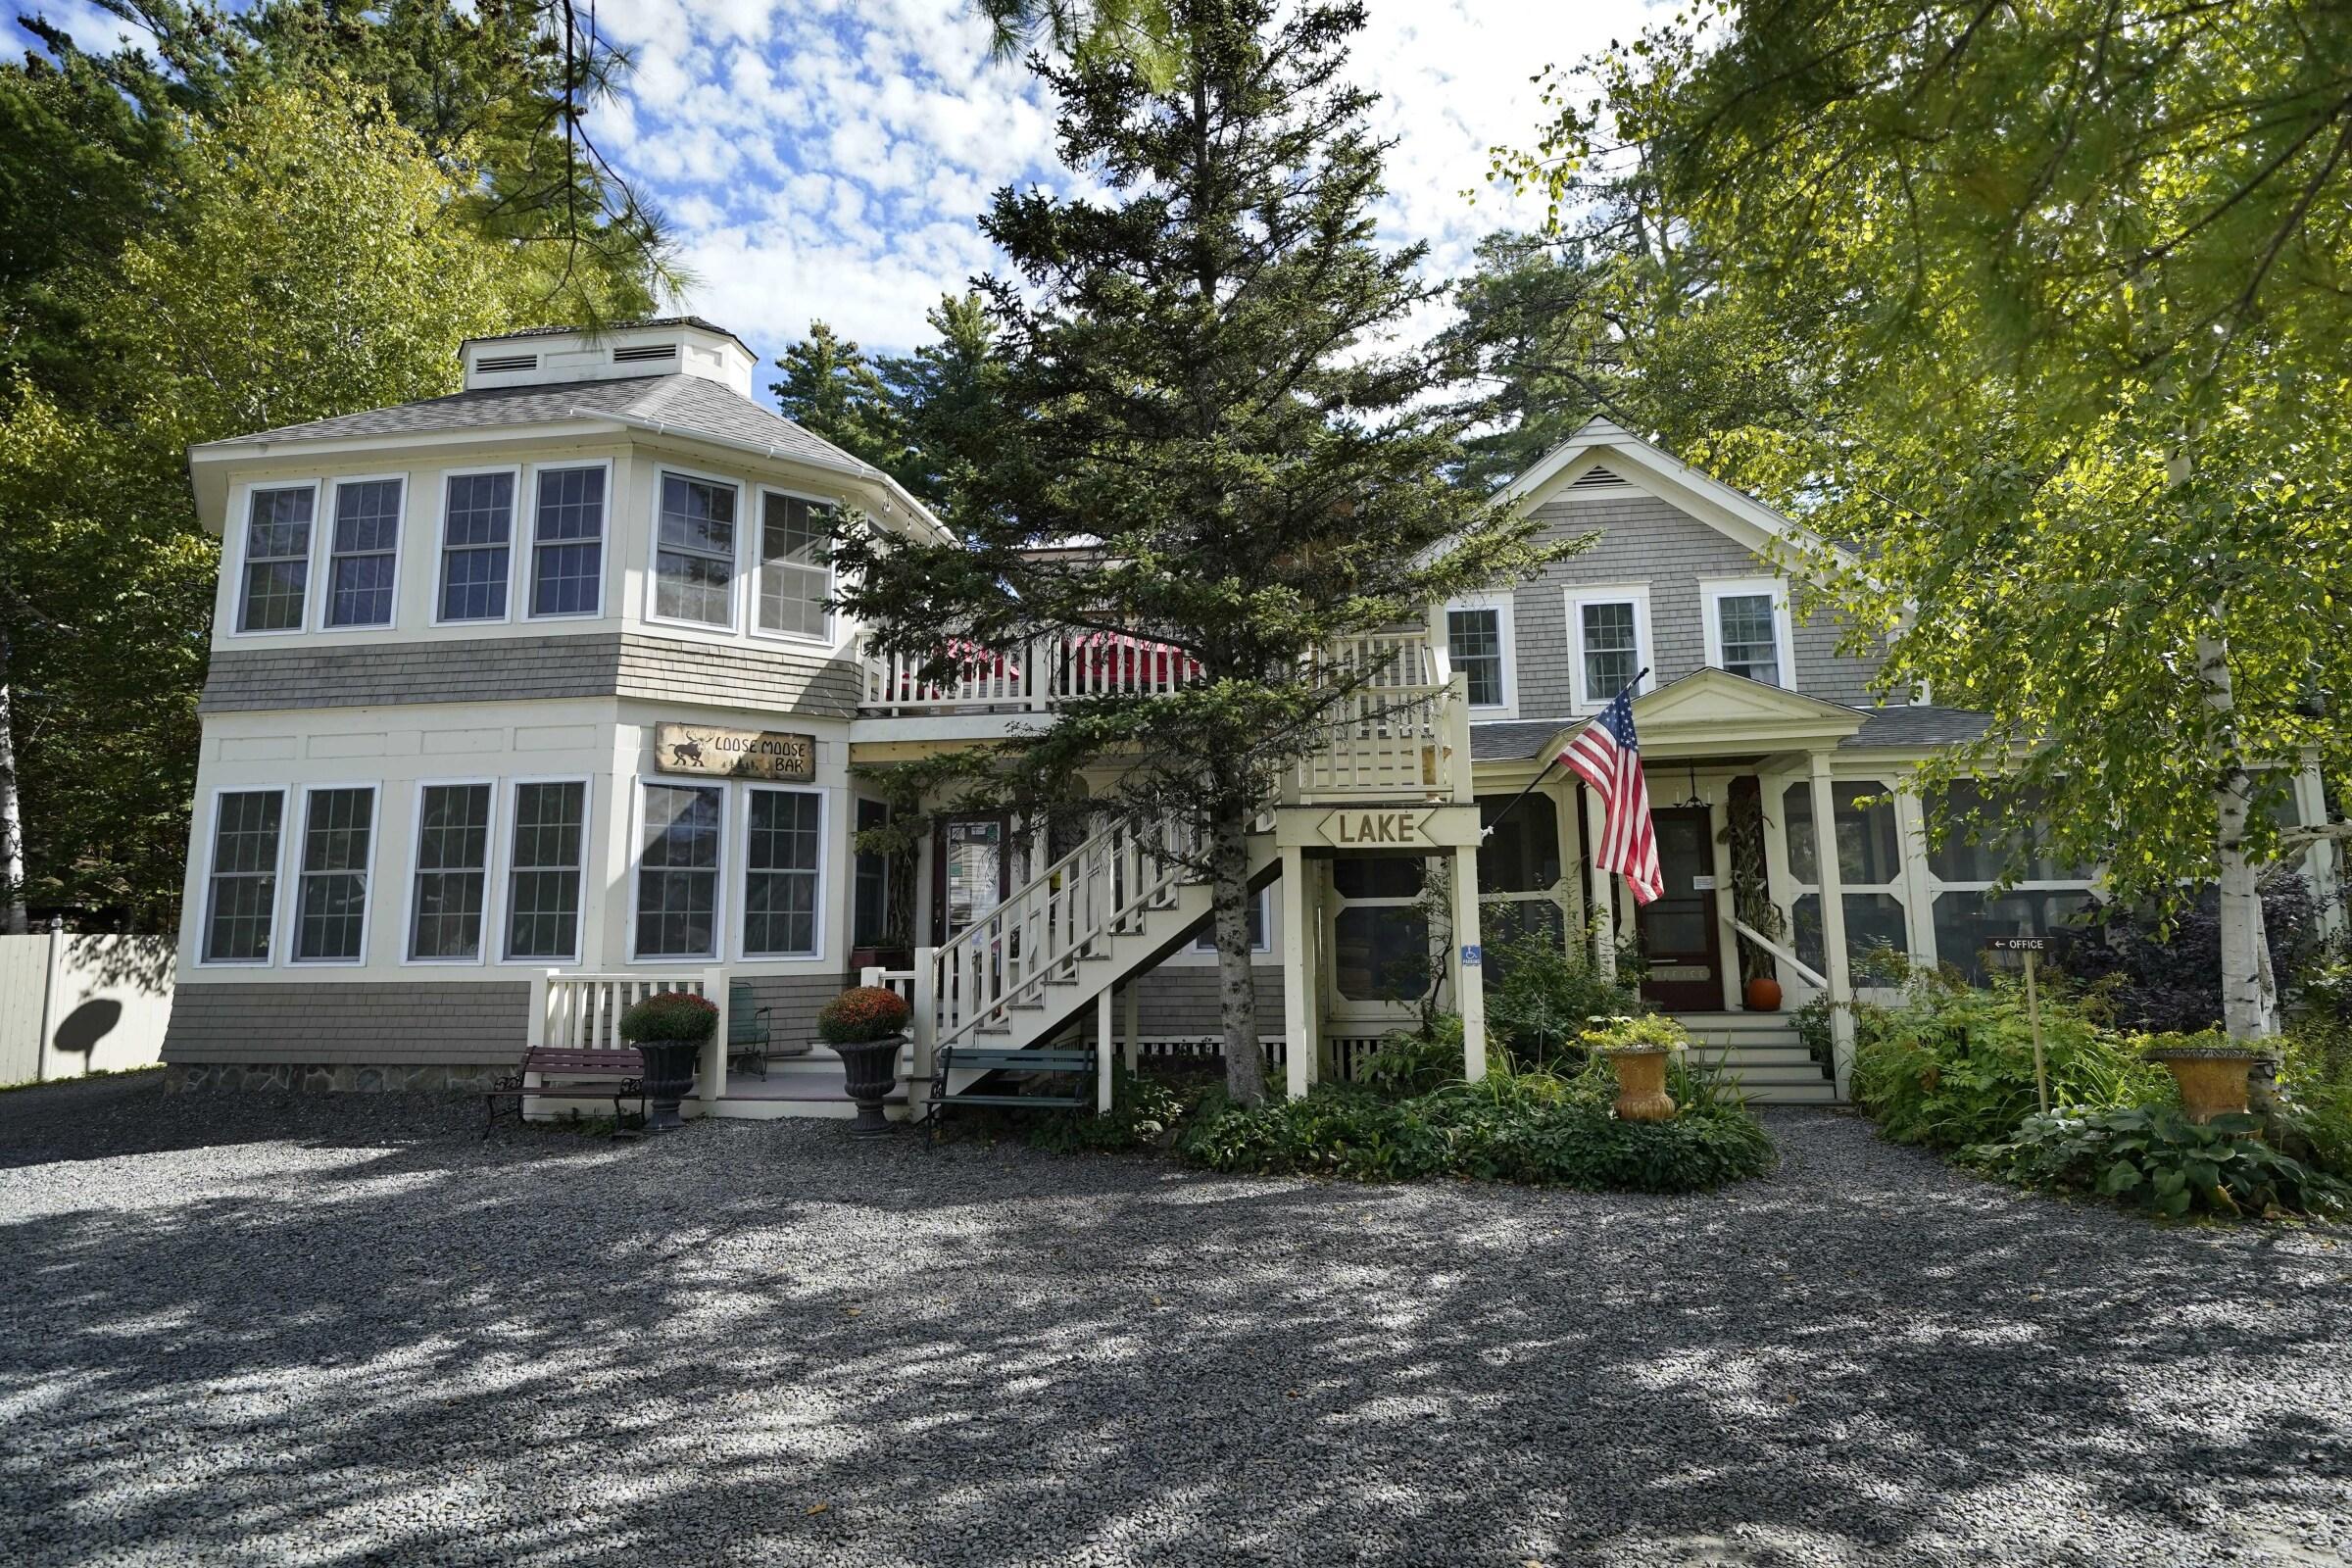 The Big Moose Inn in Millinocket, Maine